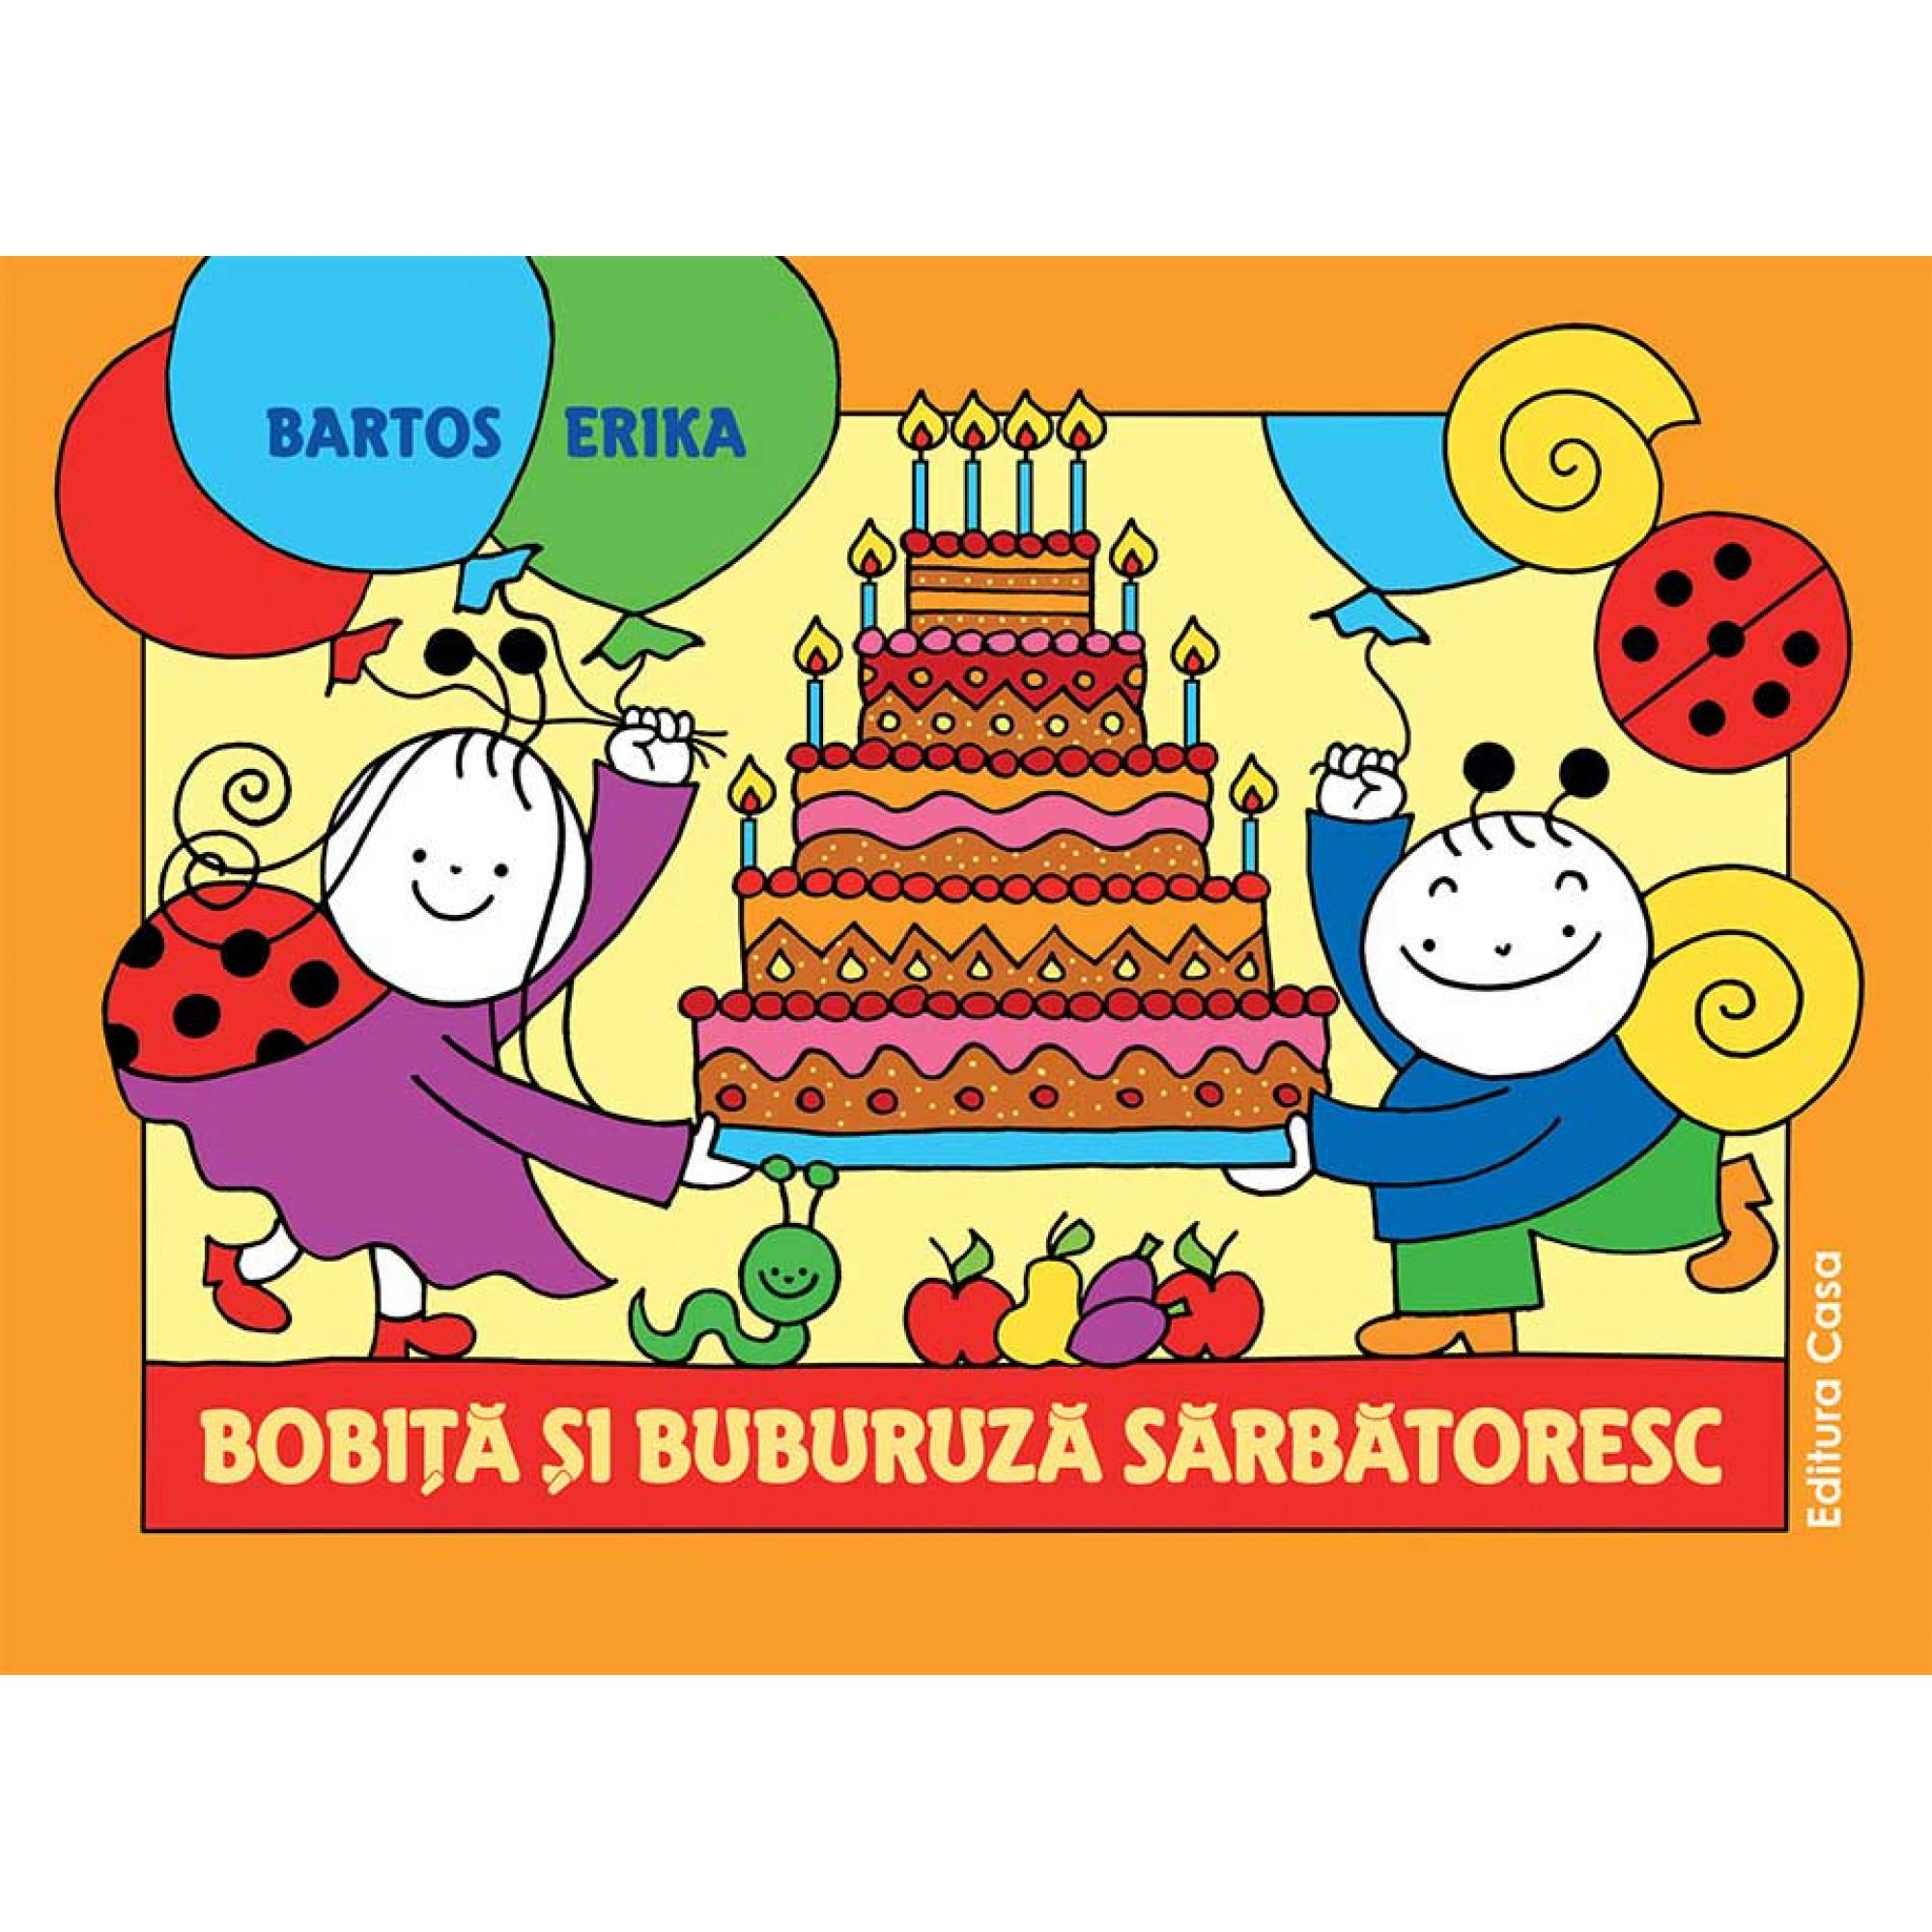 Bobiță și Buburuză sărbătoresc